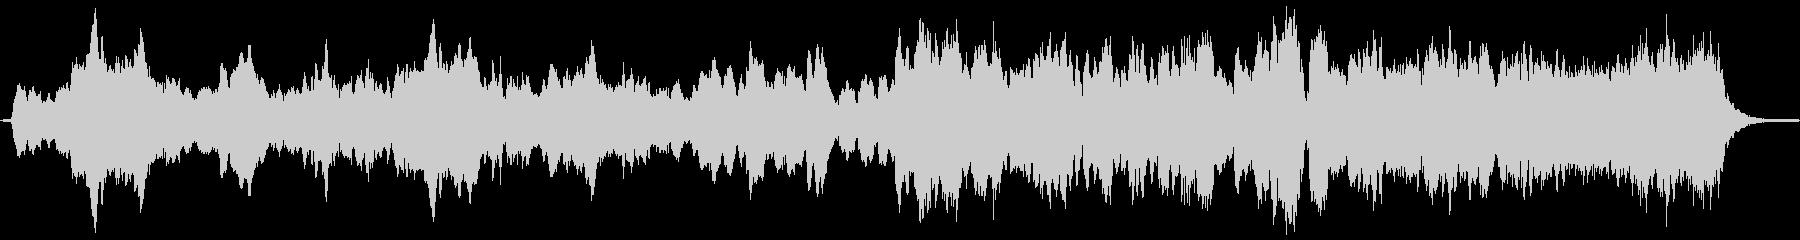 ファンタジーRPGの全滅時の音楽をイメ…の未再生の波形